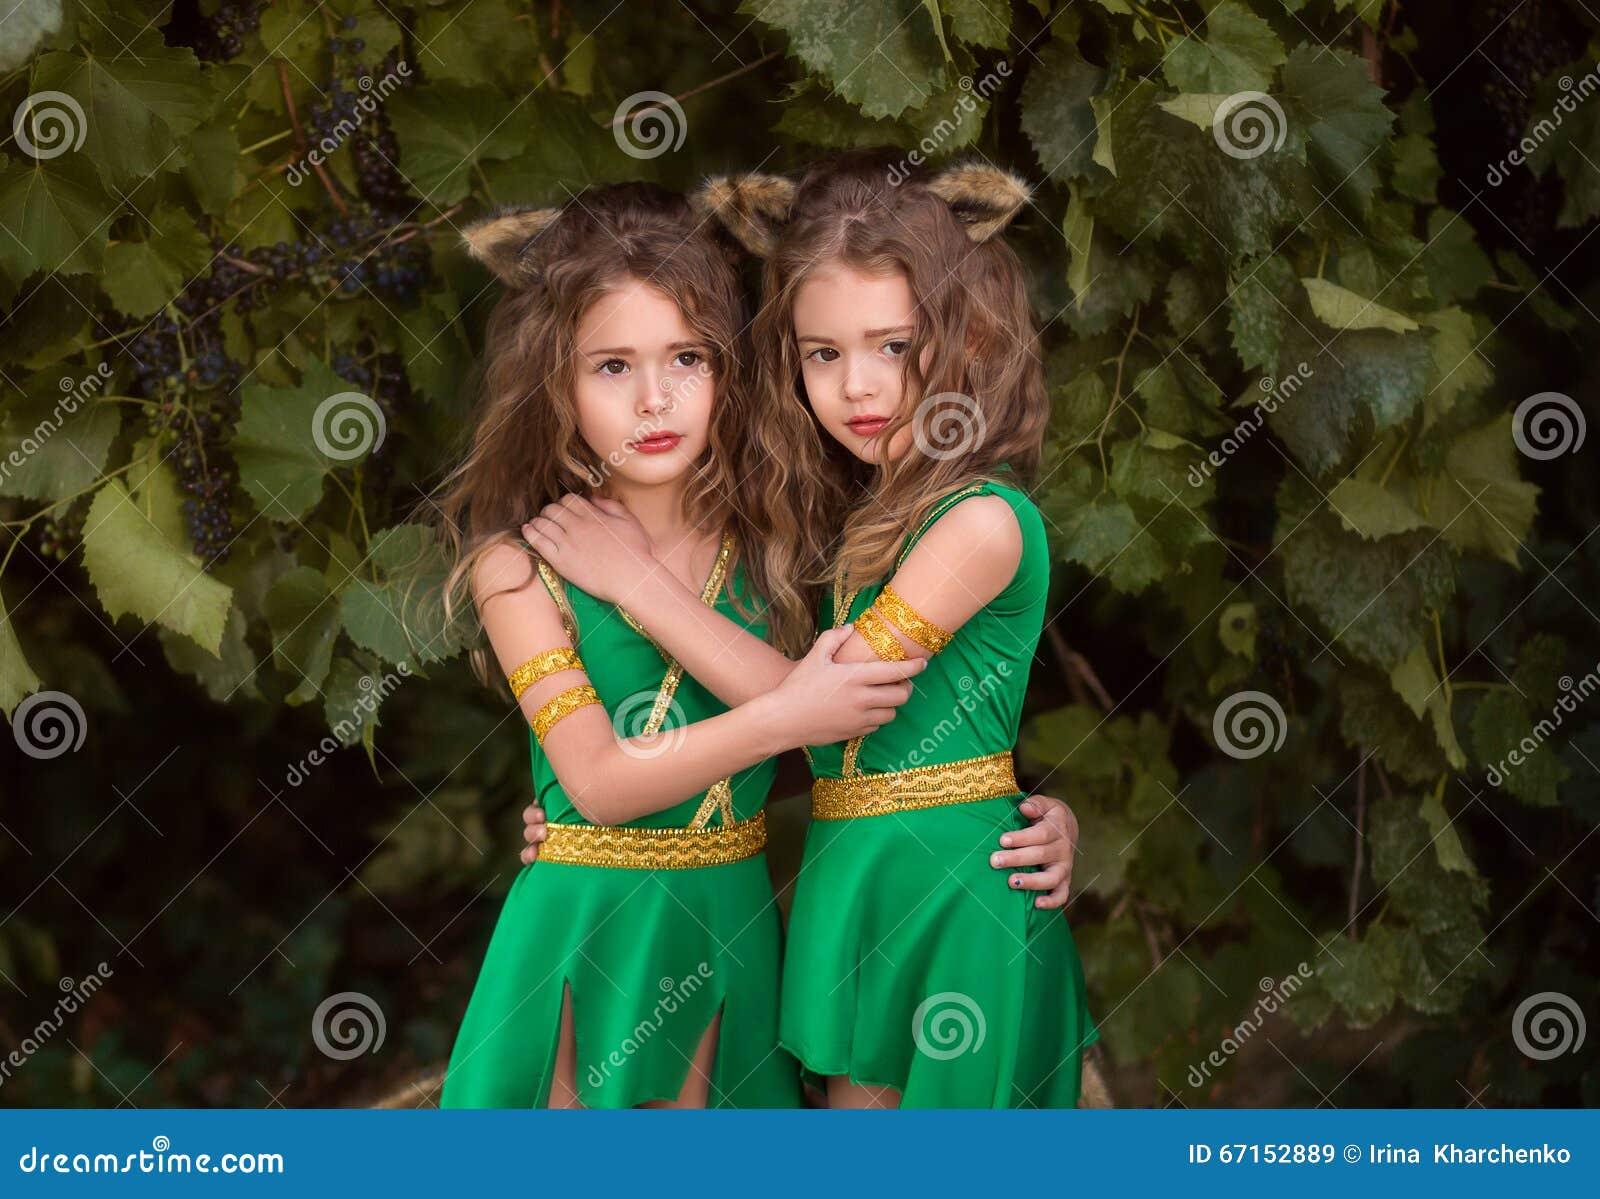 Petits habitants de forêt